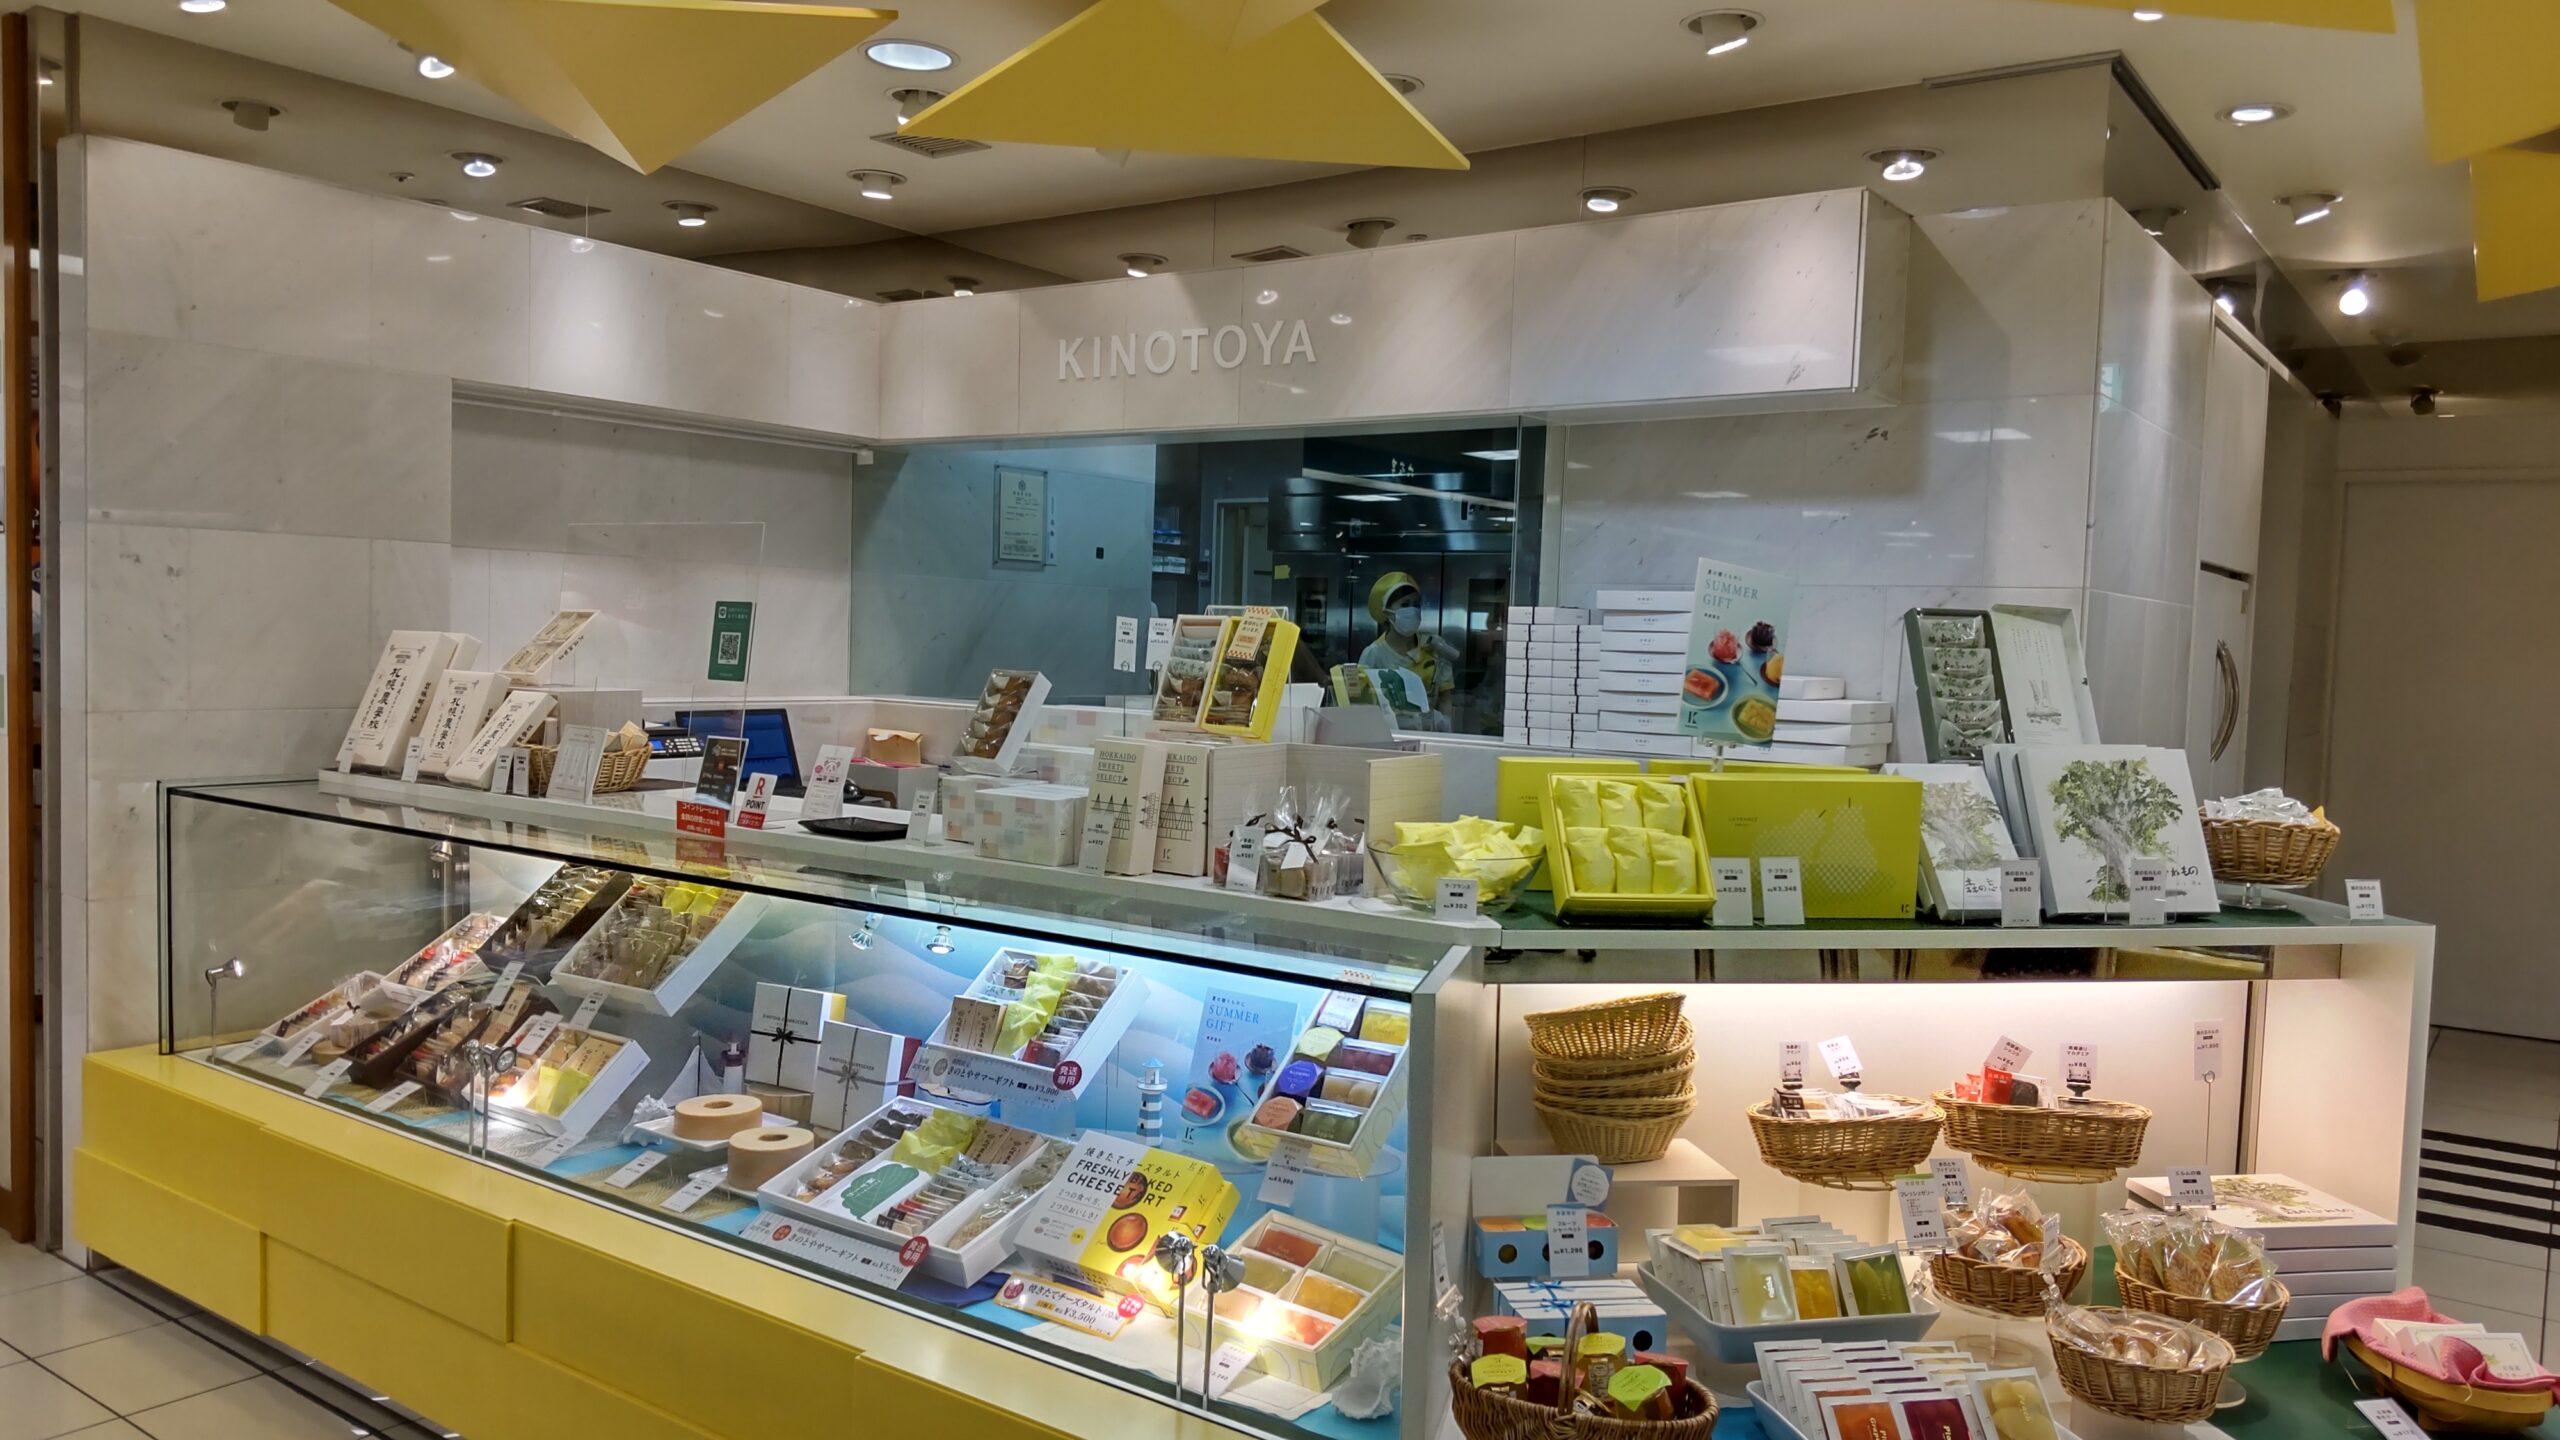 札幌の洋菓子スイーツ きのとや 大丸店